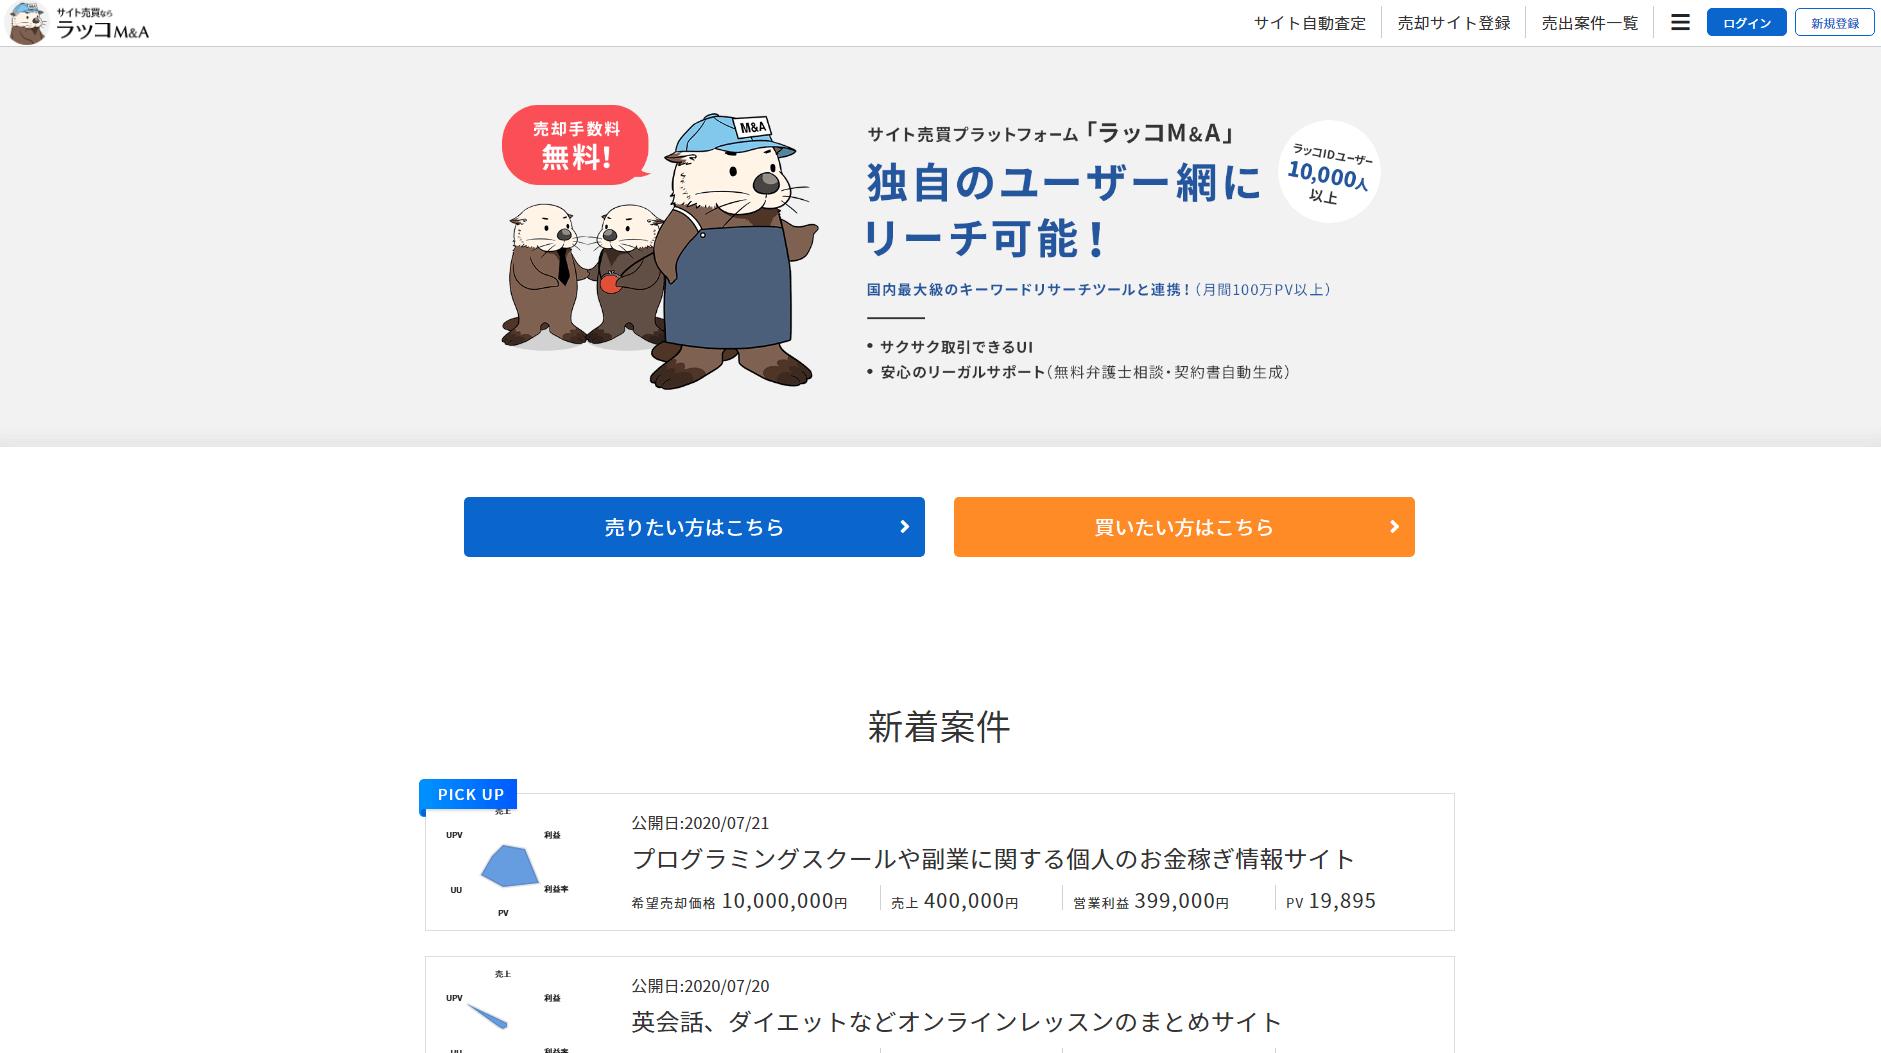 サイト売買プラットフォーム「ラッコM&A」